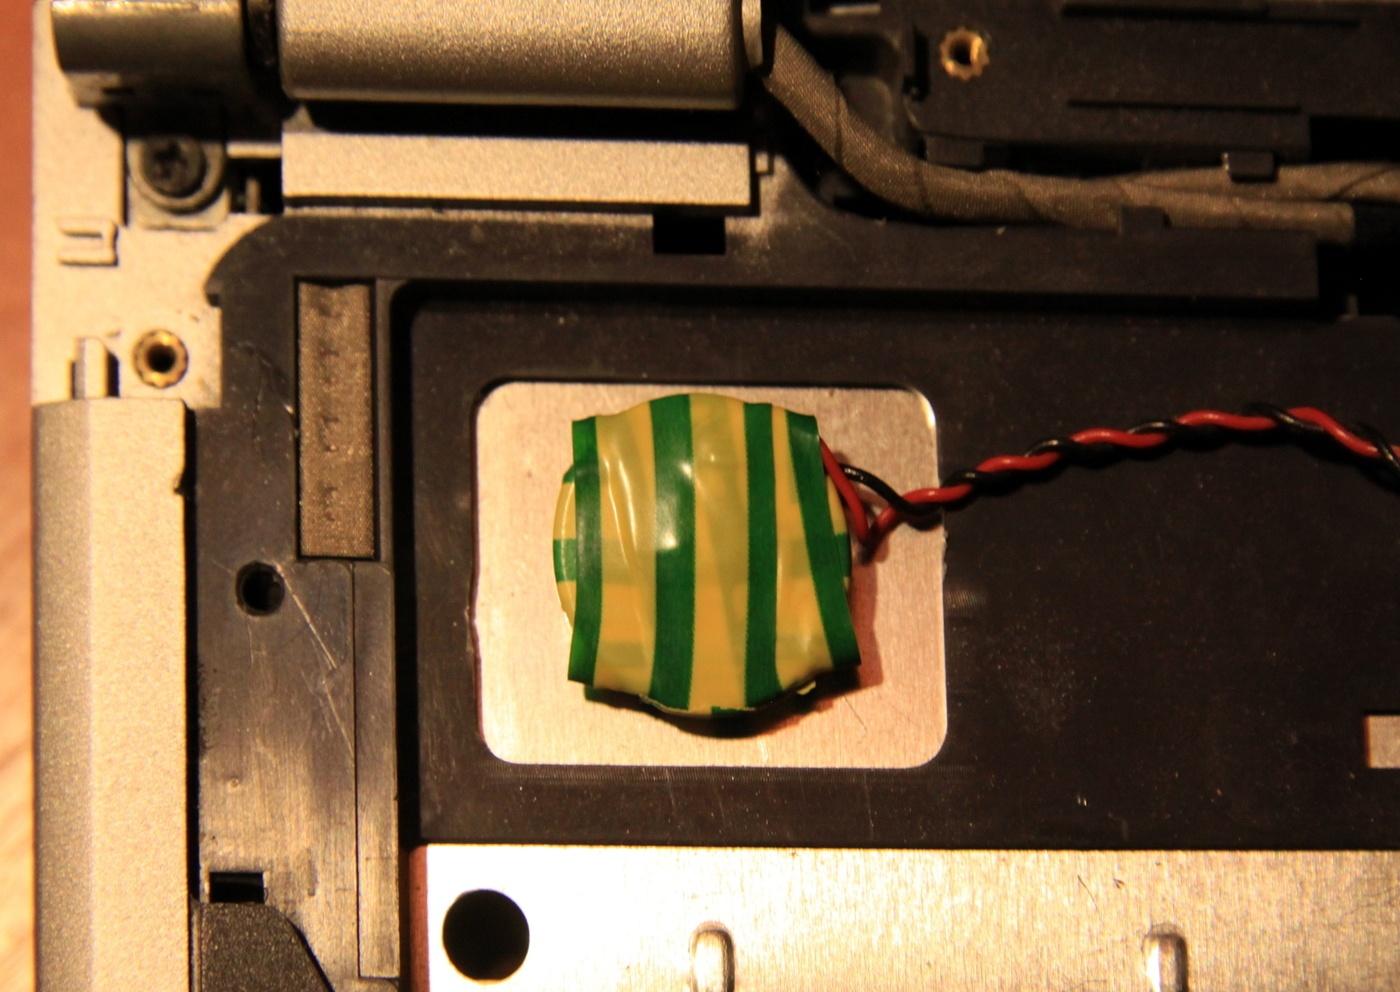 Обзор отечественного ноутбука iRU Brava-4215COMBO, выпущенного в 2004 году (Часть 1) - 14